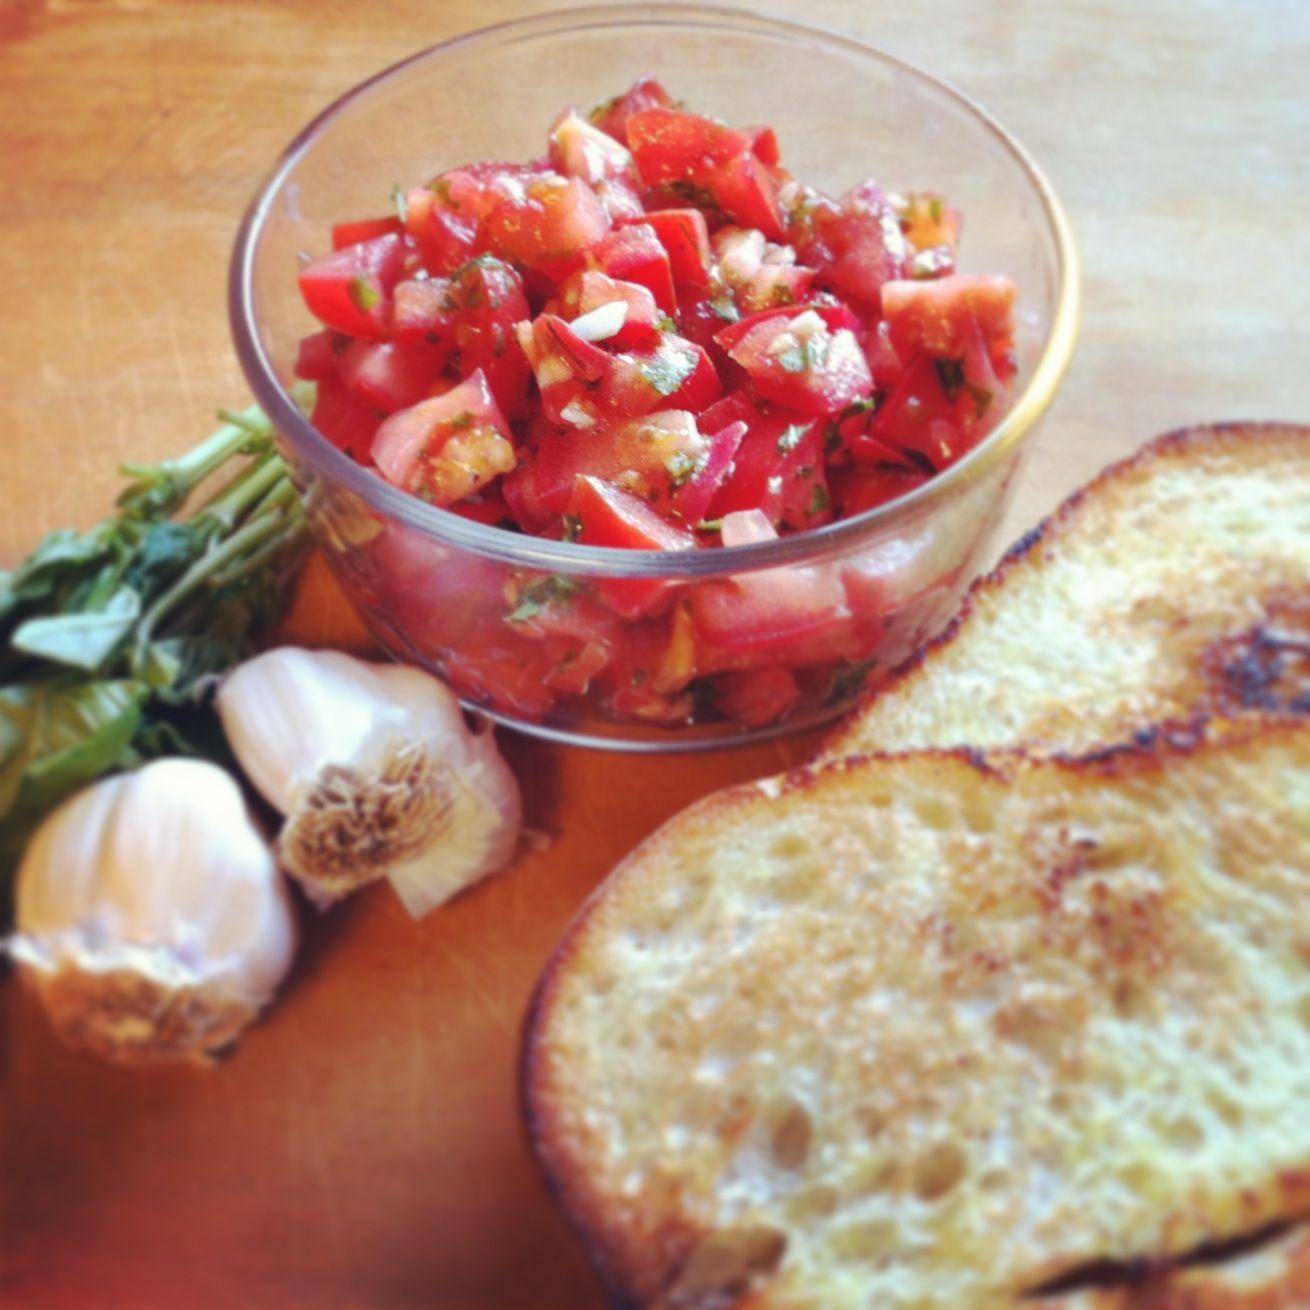 olive gardens bruschetta recipe - Olive Garden Bruschetta Recipe